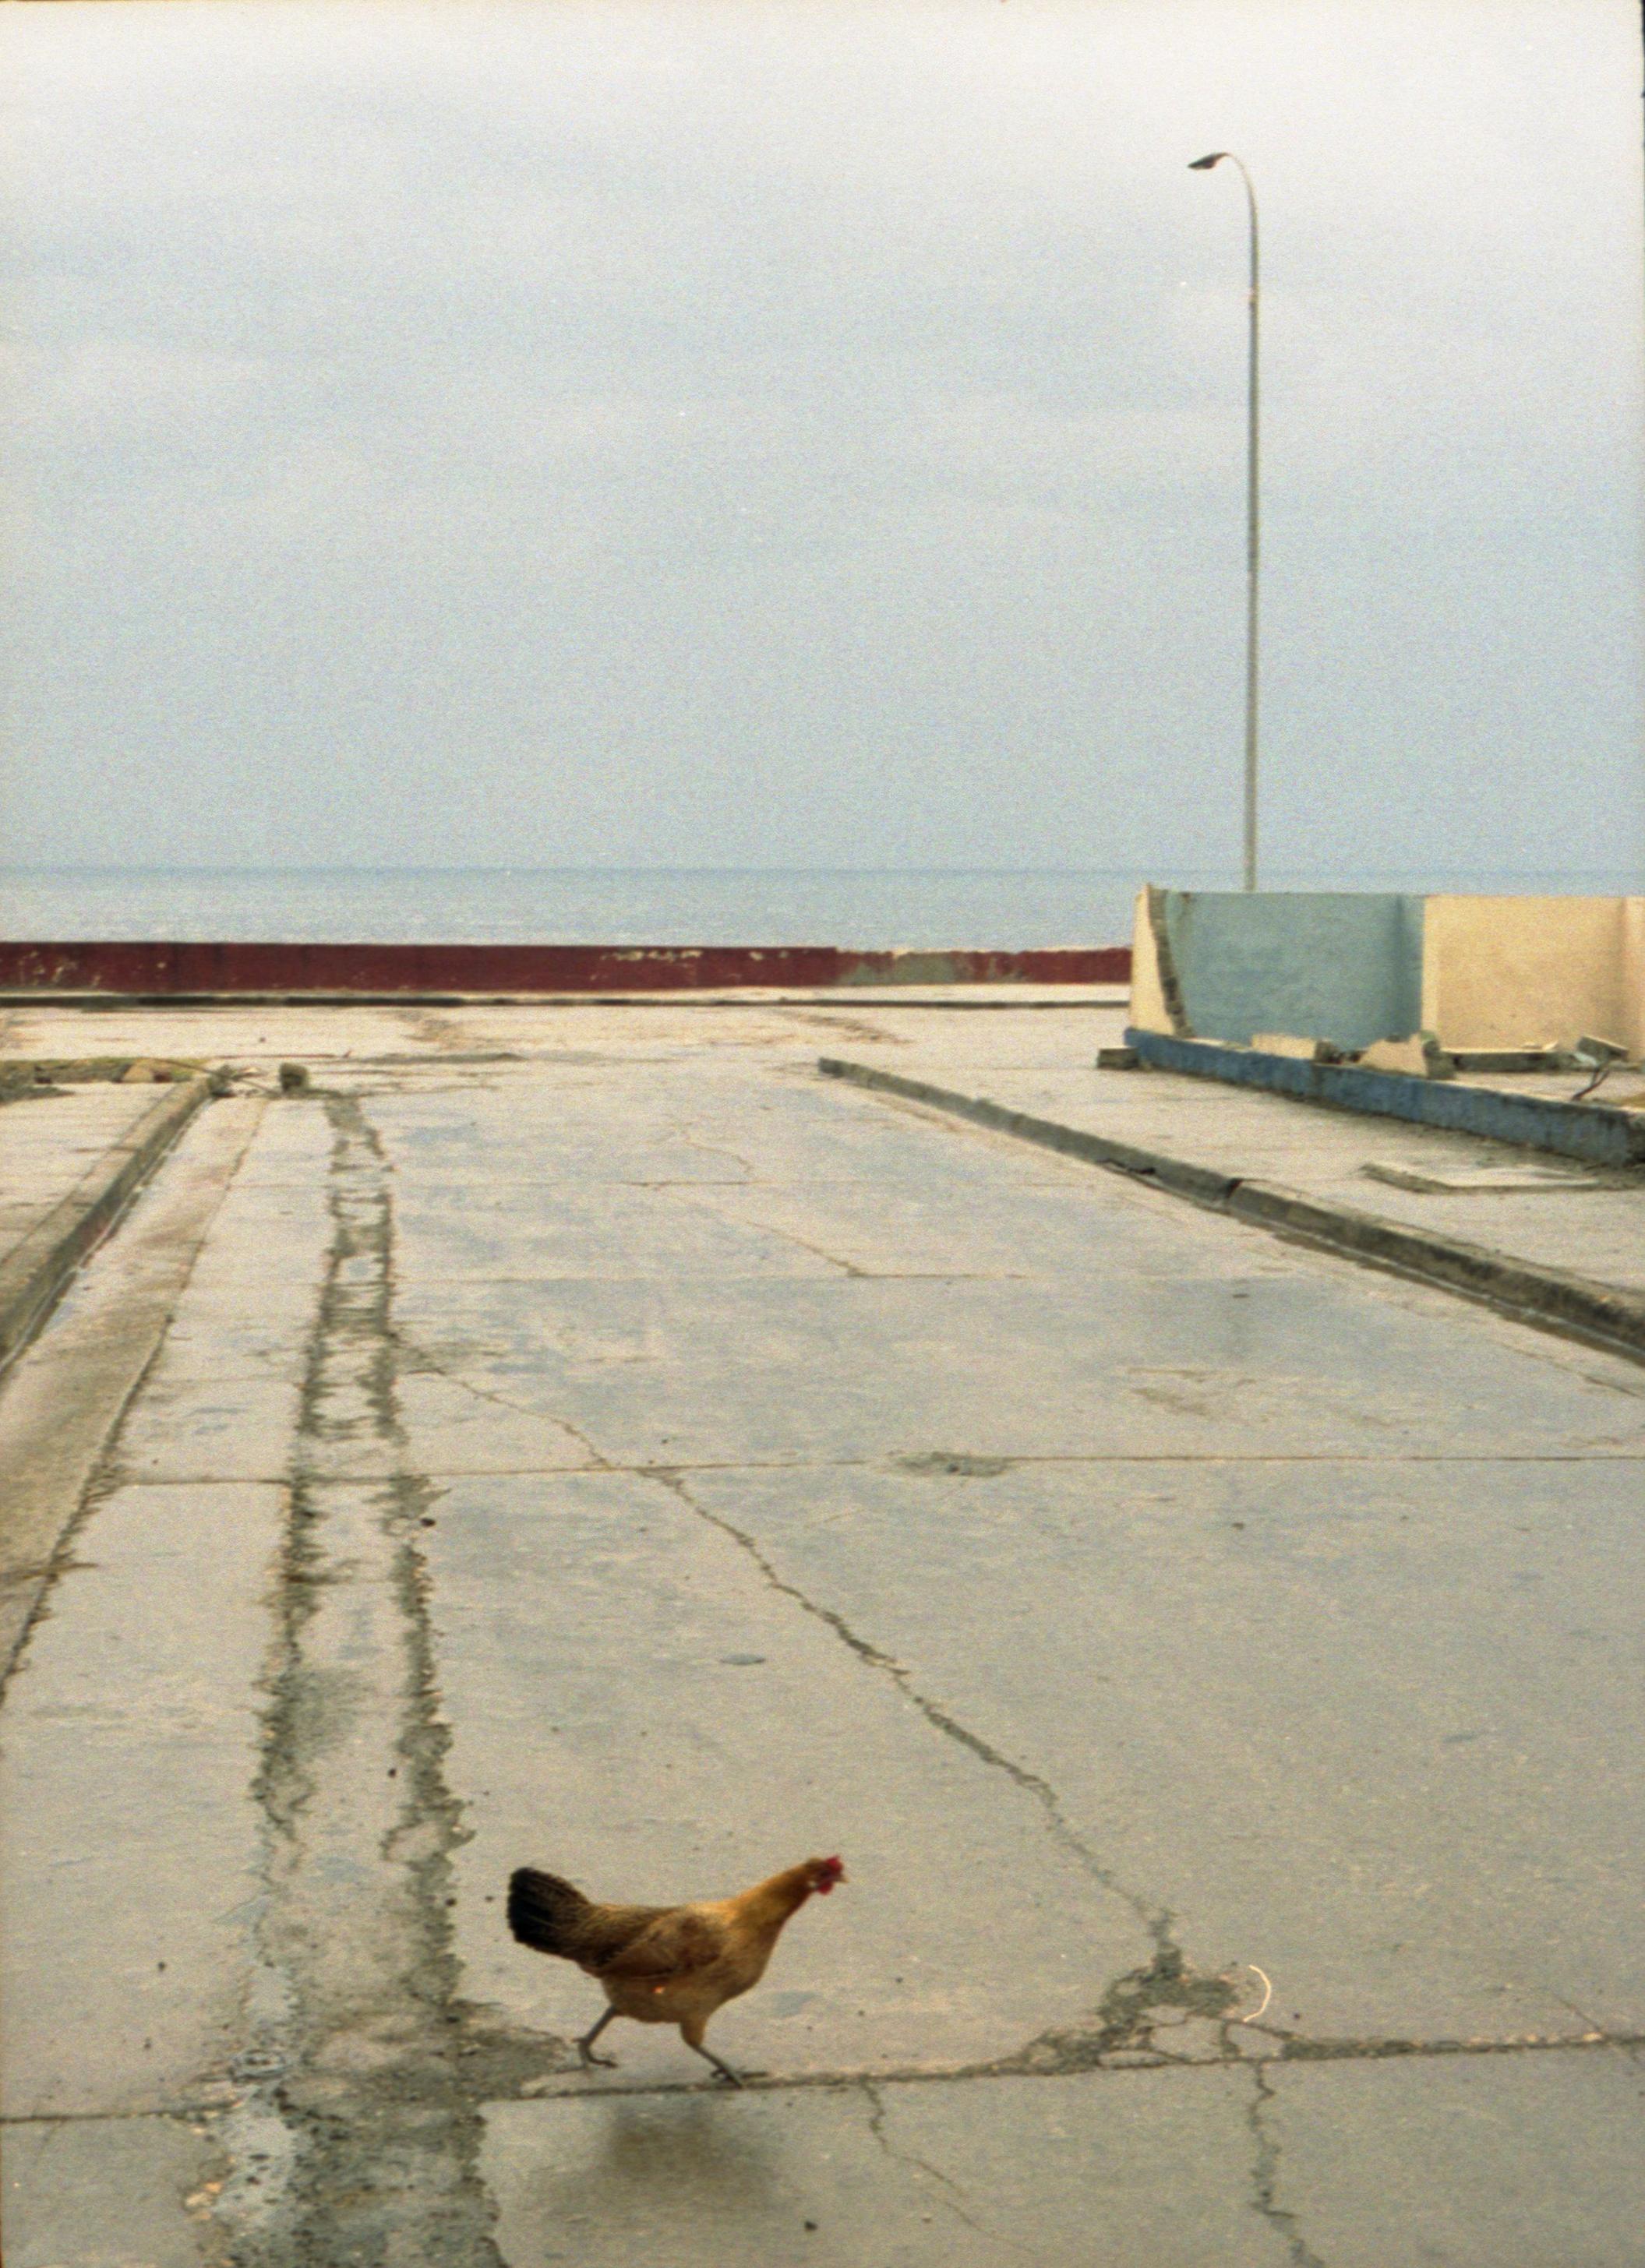 10 - Marija Vidovic, Cuba.jpg